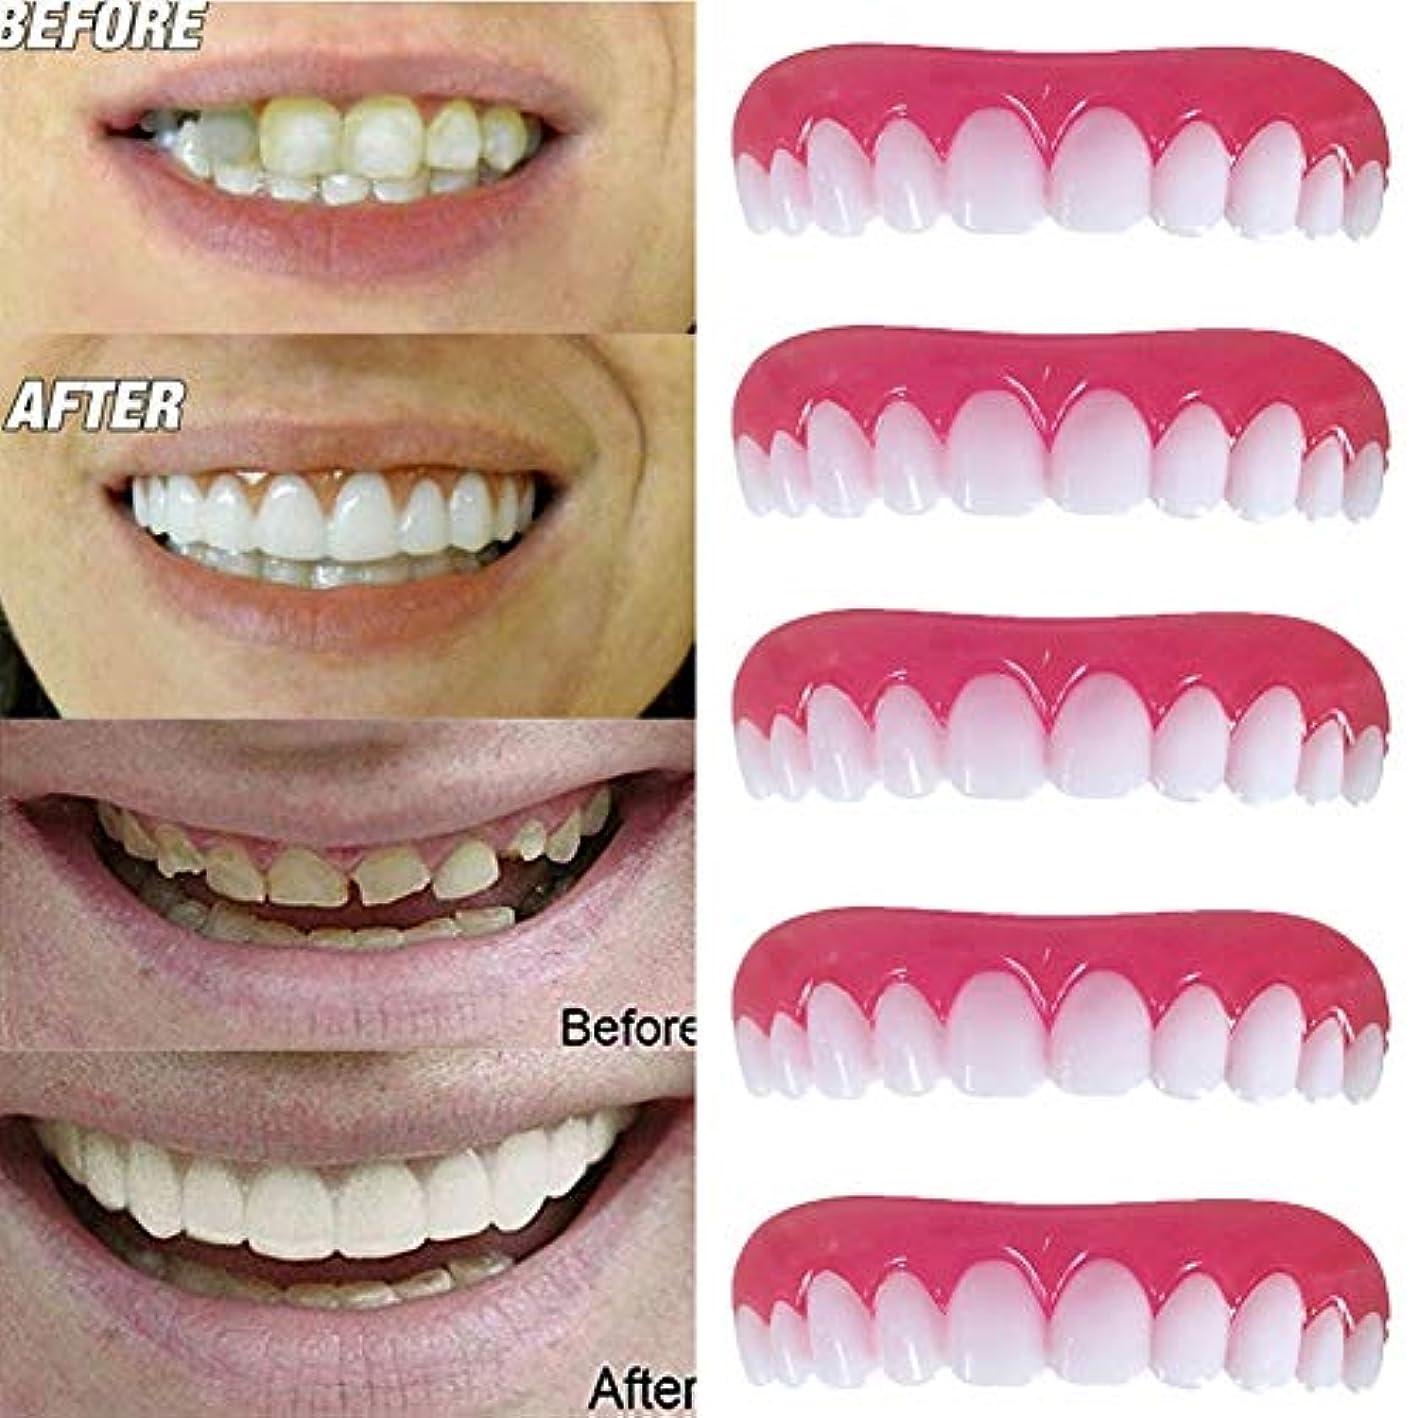 証書コインランドリー見分ける義歯化粧品歯、5個美容歯科ボタンアメージングスマイル快適な柔らかい歯科突き板歯科化粧品ステッカー